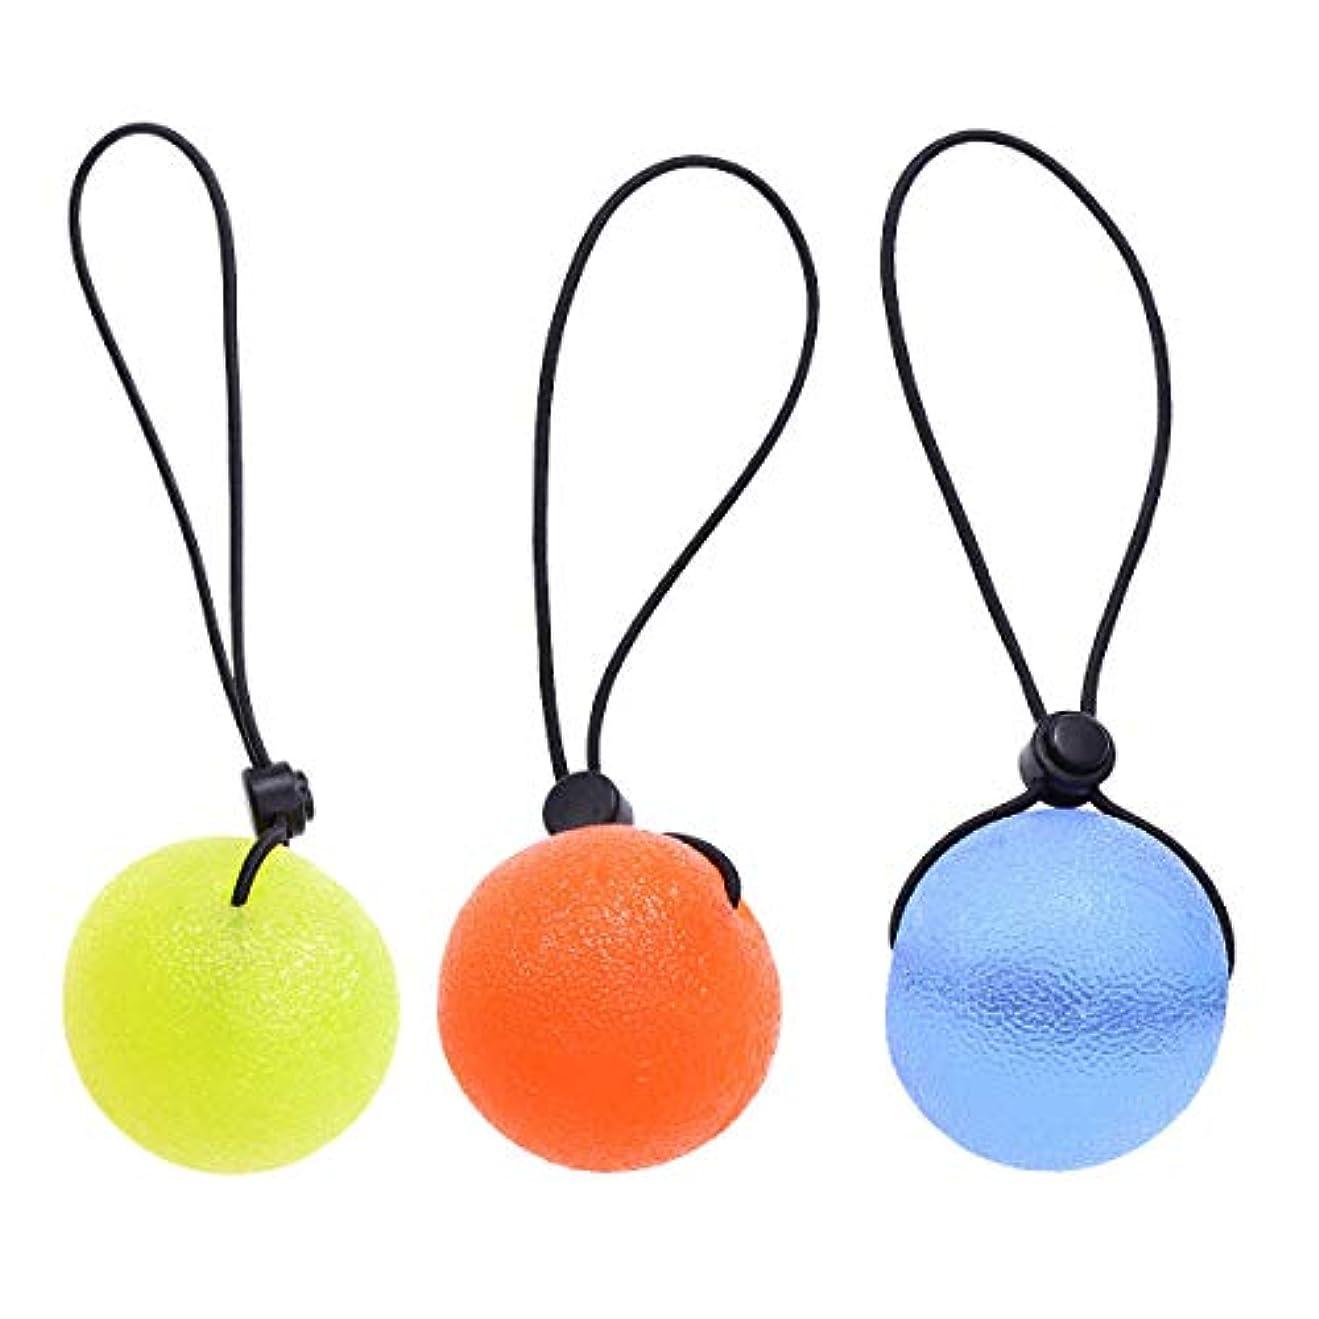 ぶどう子供っぽいワードローブHEALIFTY ストレスリリーフボール、3本の指グリップボールセラピーエクササイズスクイズ卵ストレスボールストリングフィットネス機器(ランダムカラー)